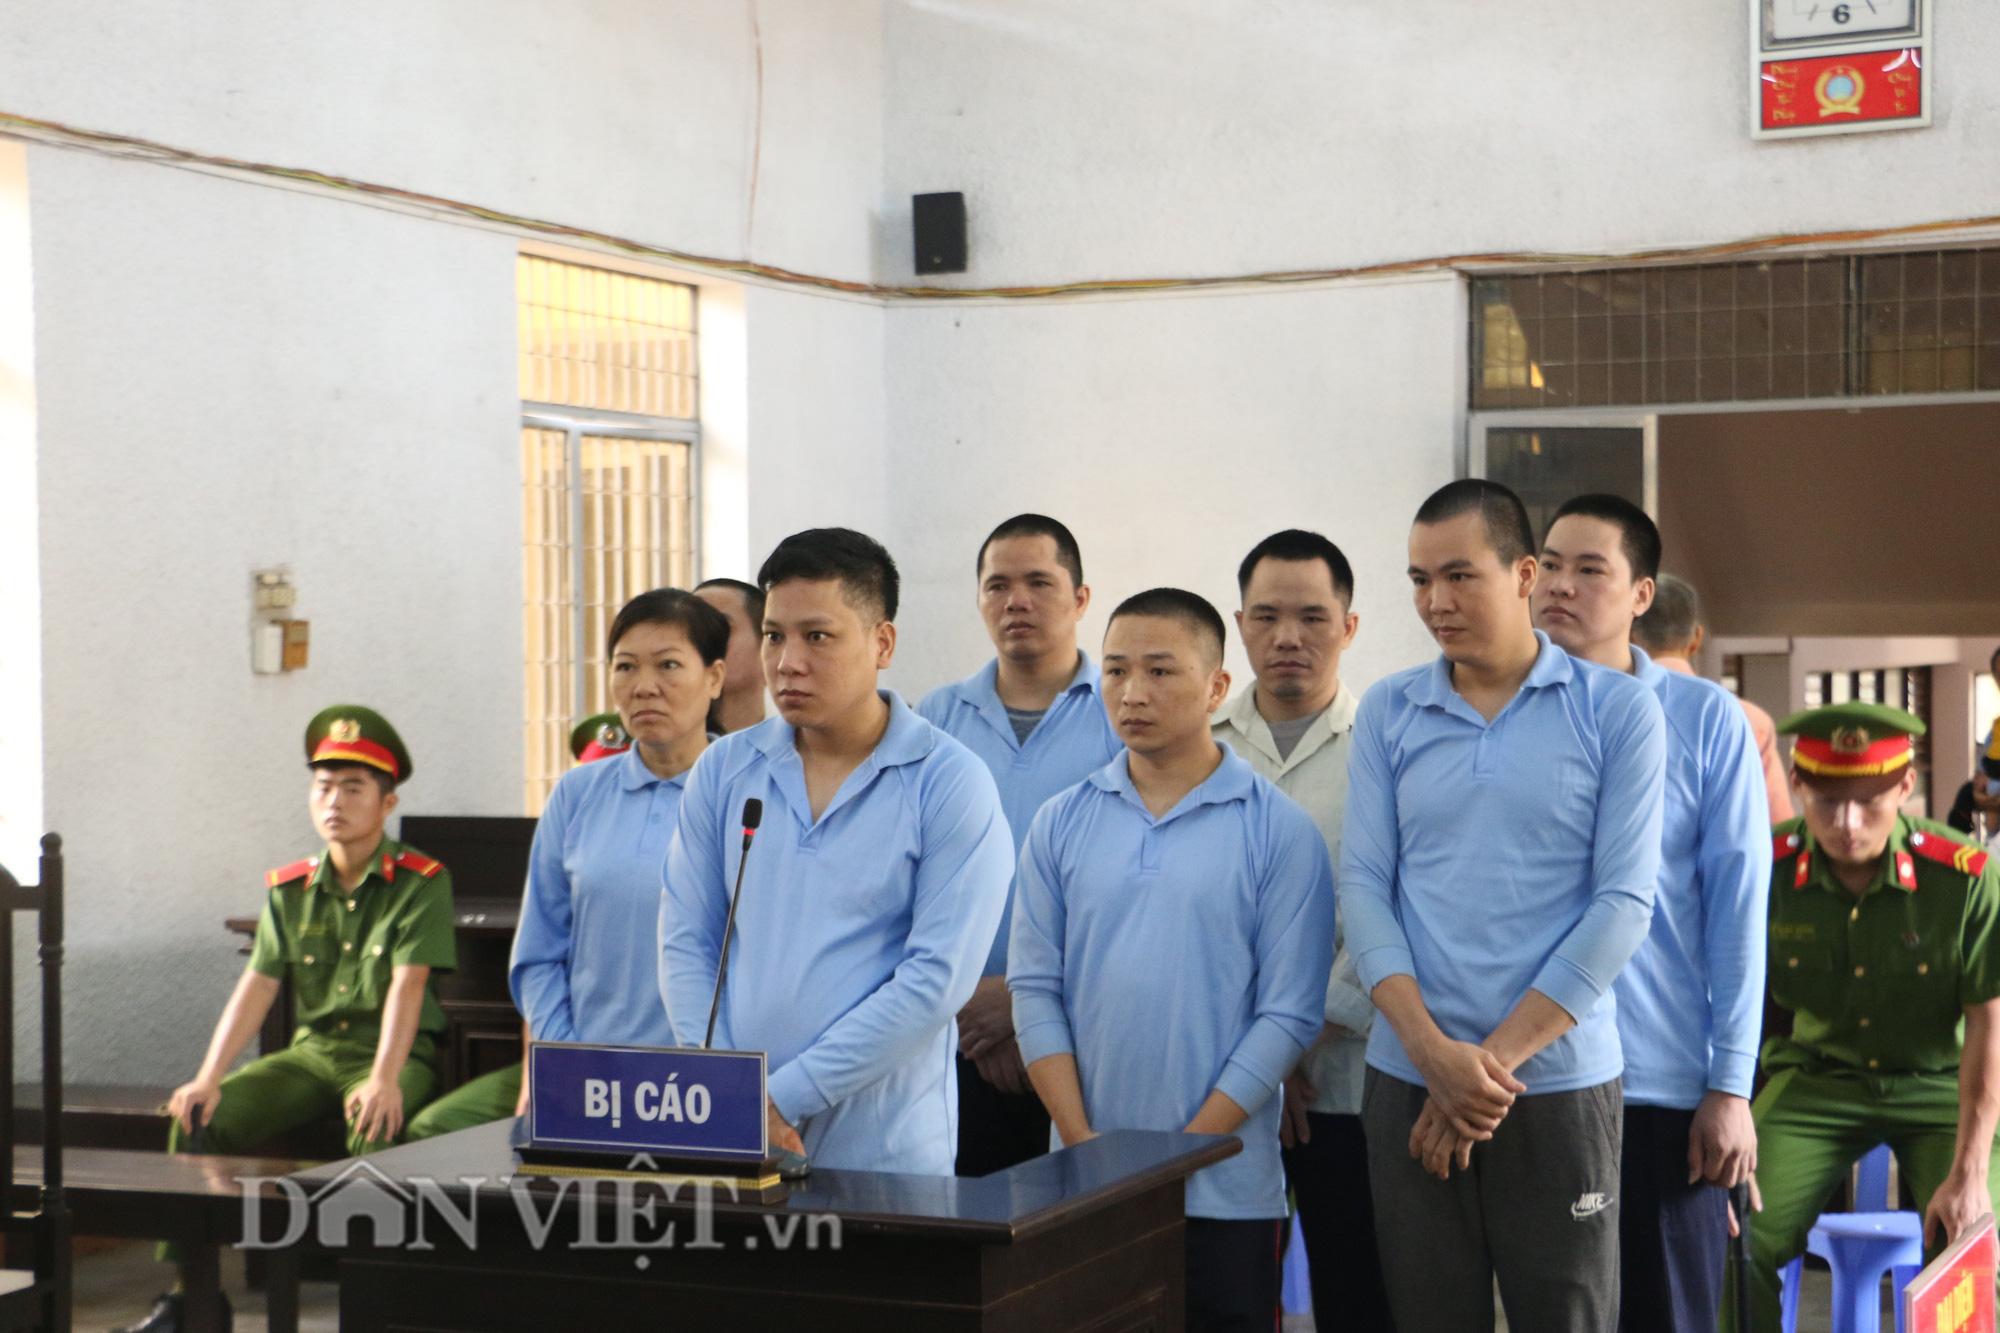 Phúc thẩm vụ hỗn chiến tranh giành đất rừng: Mẹ bị hại xin giảm án, các bị cáo bật khóc - Ảnh 1.